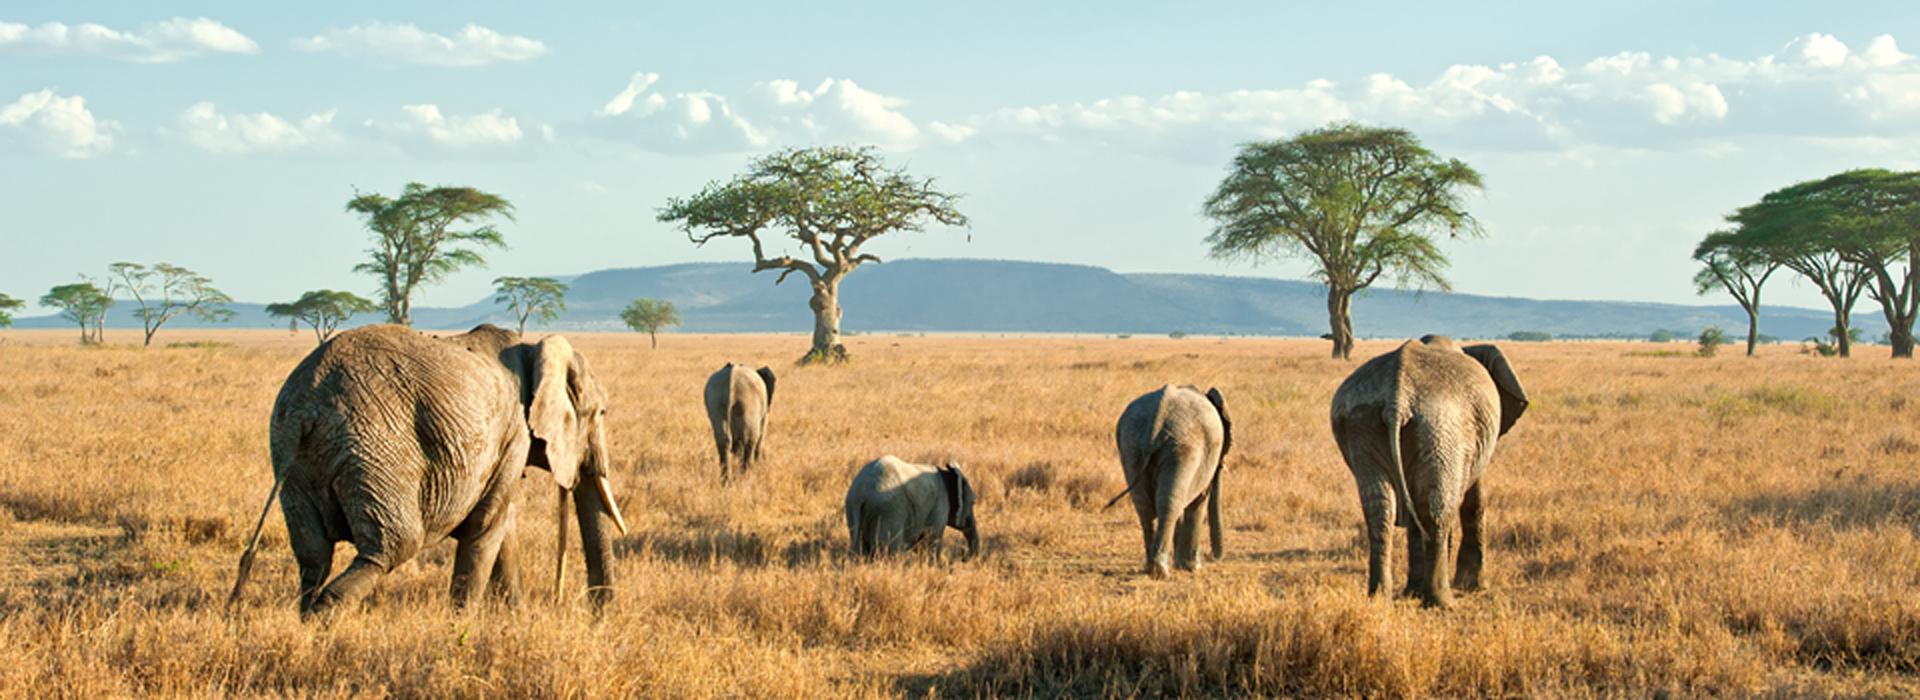 elefanti_zanzibar